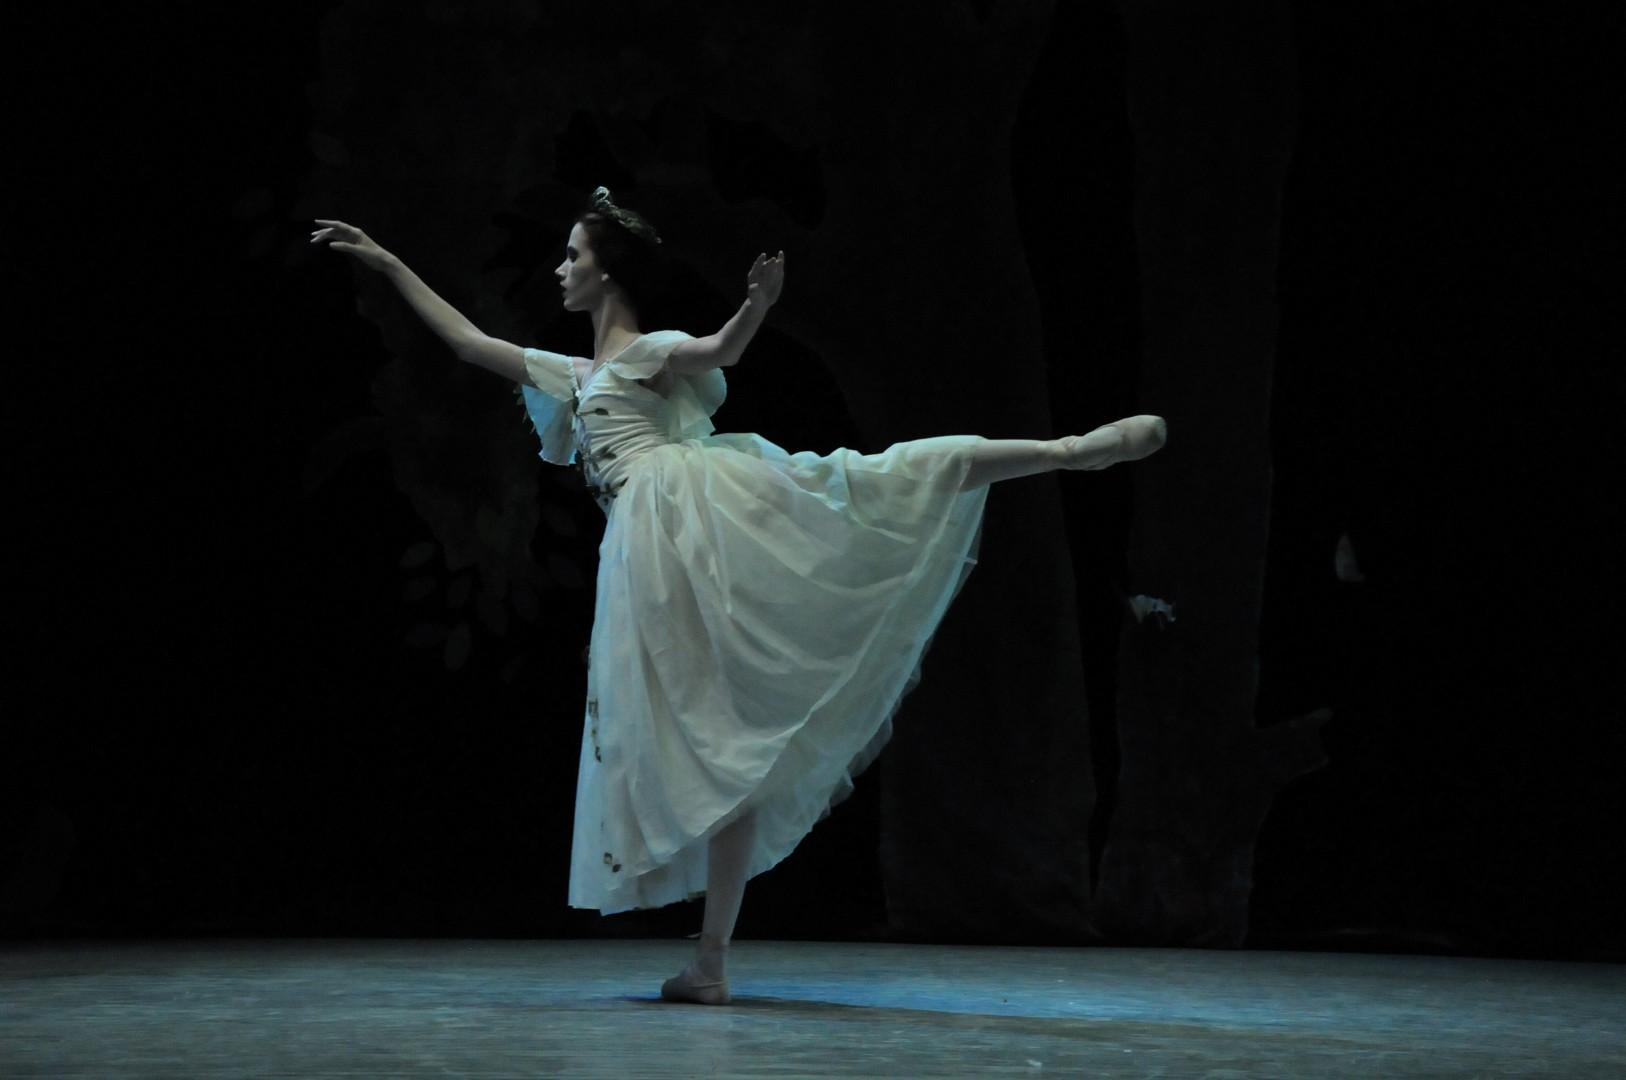 La compañía camagüeyana es la única de ballet clásico que ha actuado en el Teatro Principal. (Foto: Vicente Brito/ Escambray)